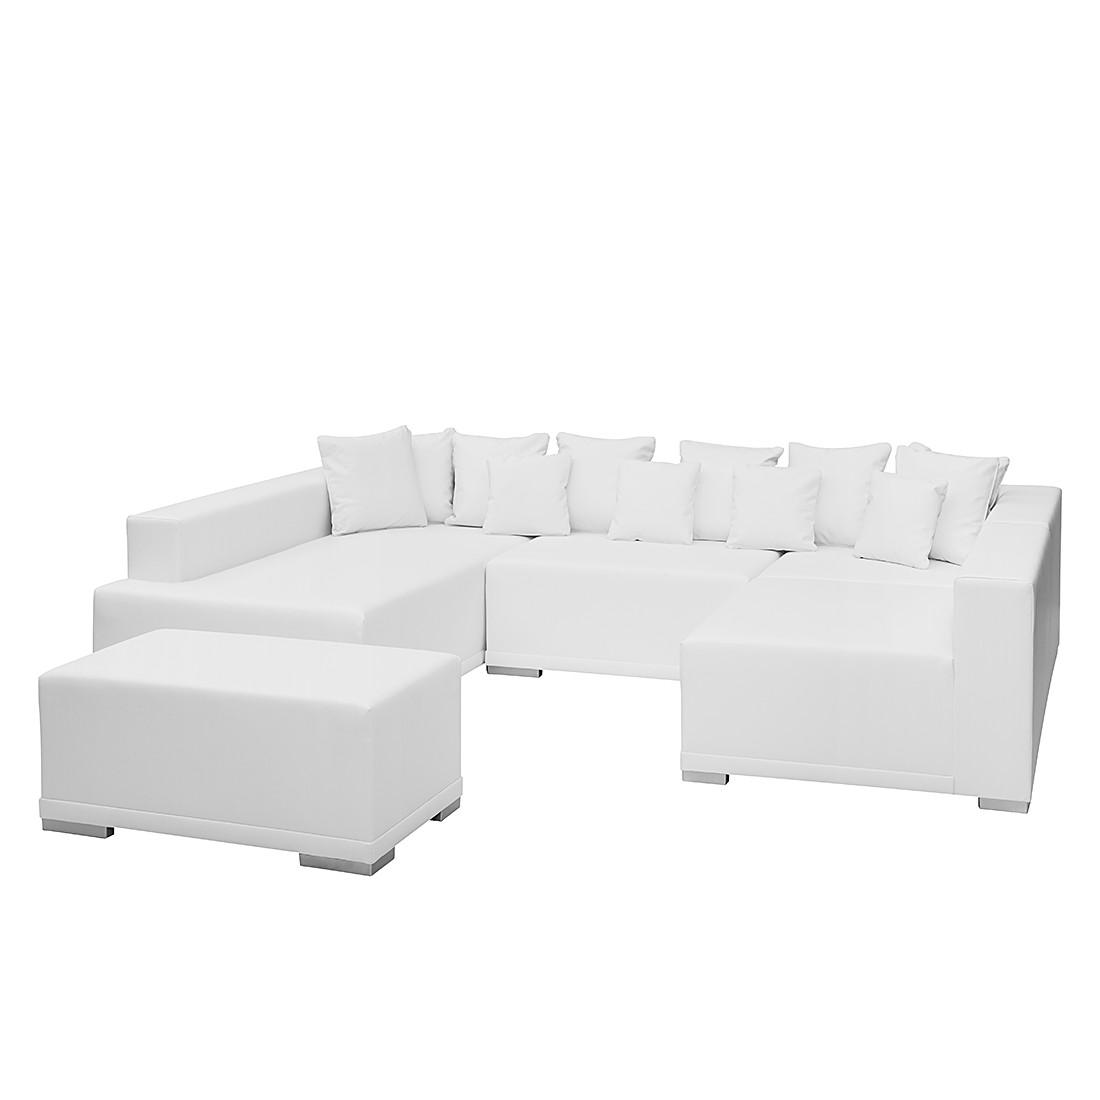 wohnlandschaft mit hocker wohnlandschaft clovis schwarz. Black Bedroom Furniture Sets. Home Design Ideas